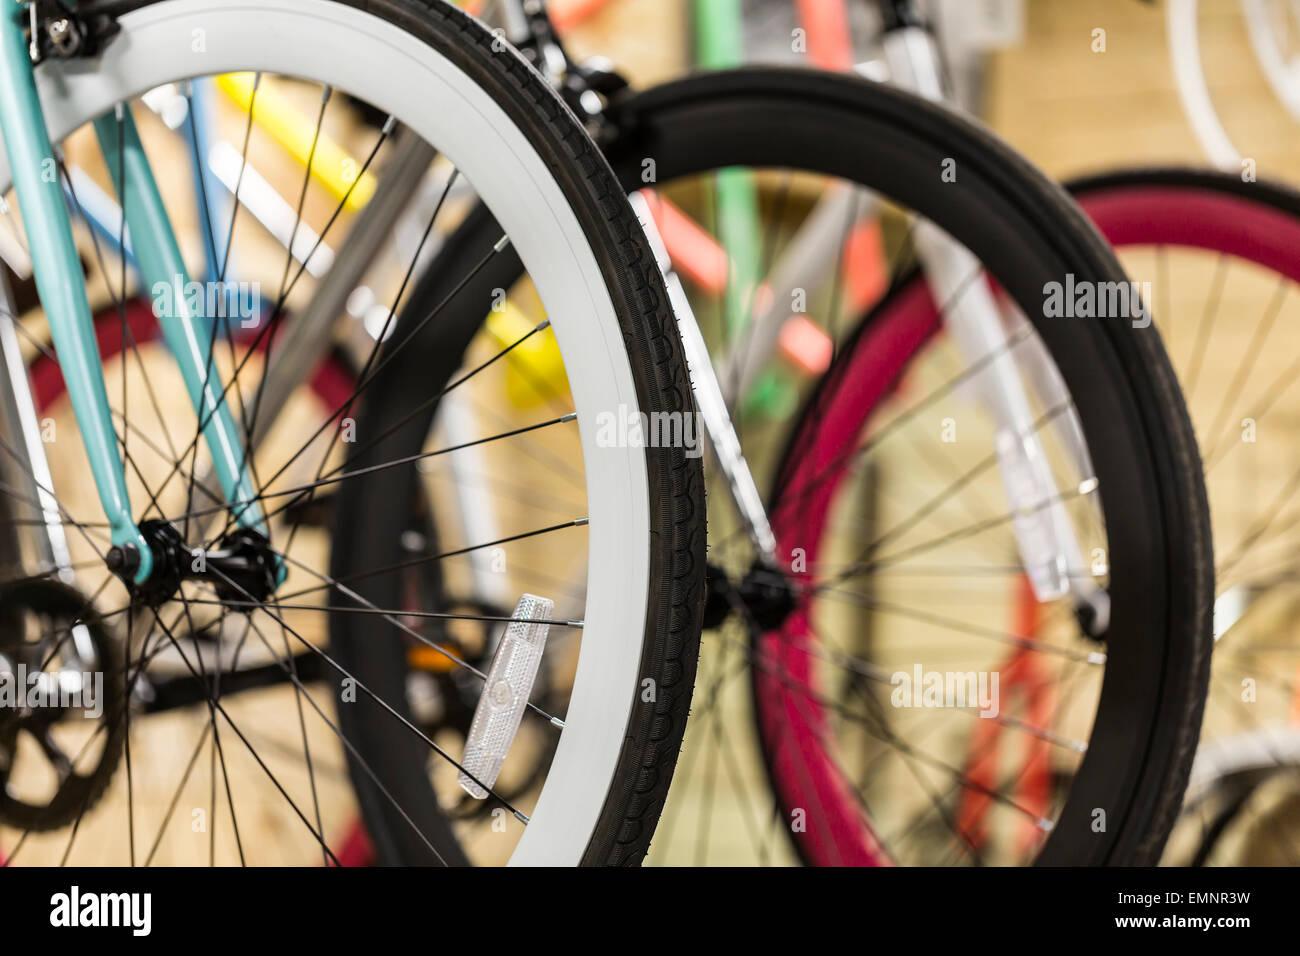 Le ruote di bicicletta in un negozio di biciclette, close up Immagini Stock